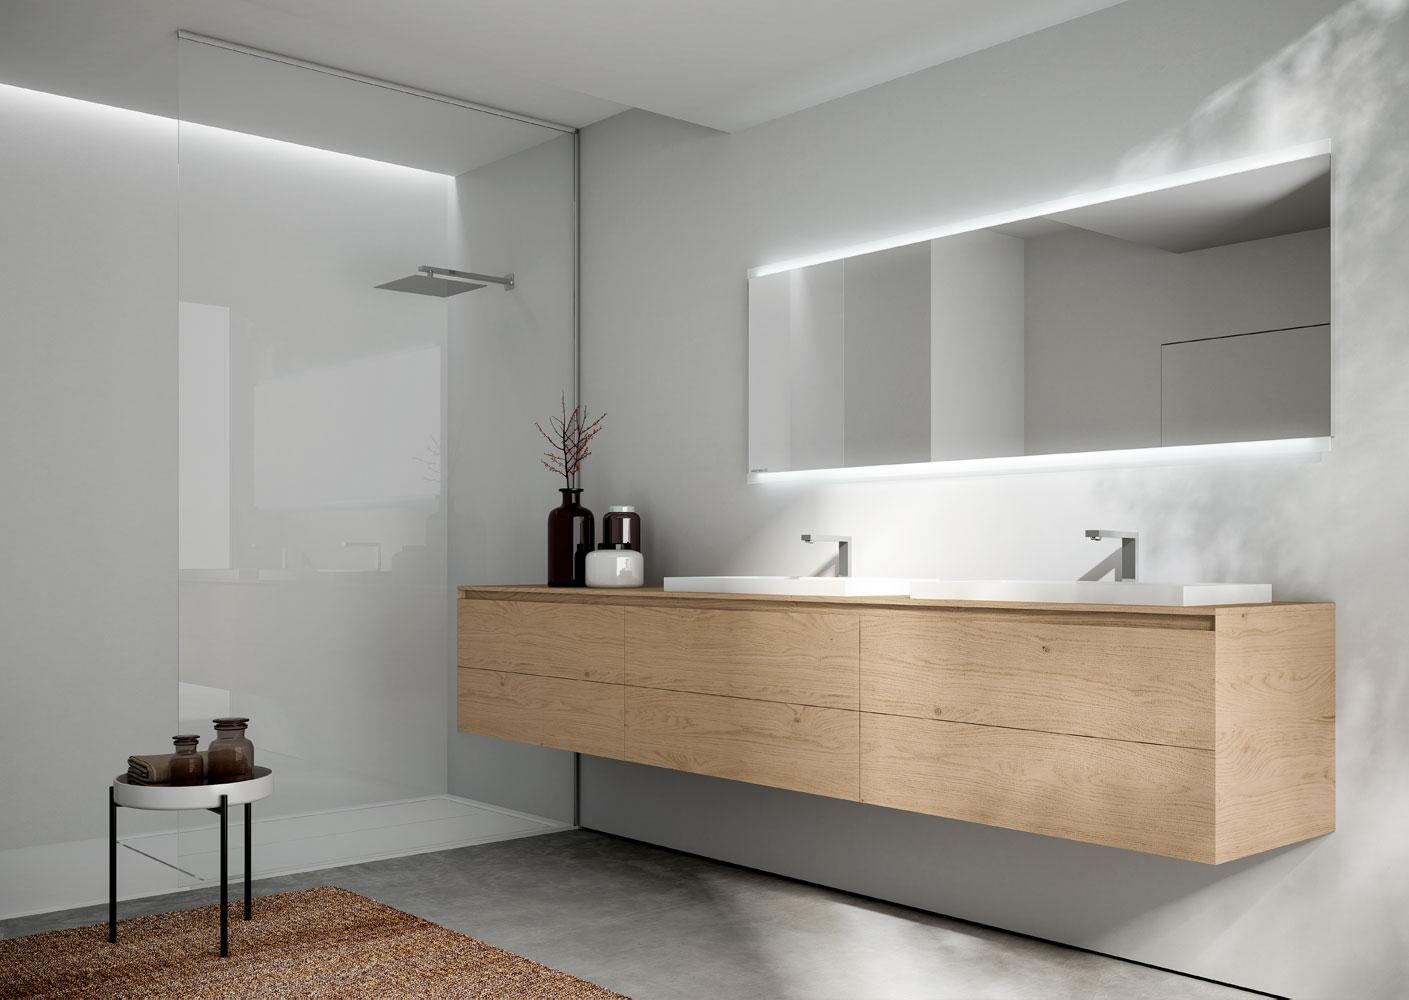 Cubik mobili da bagno moderni per arredo bagno di design for Stili di design di mobili